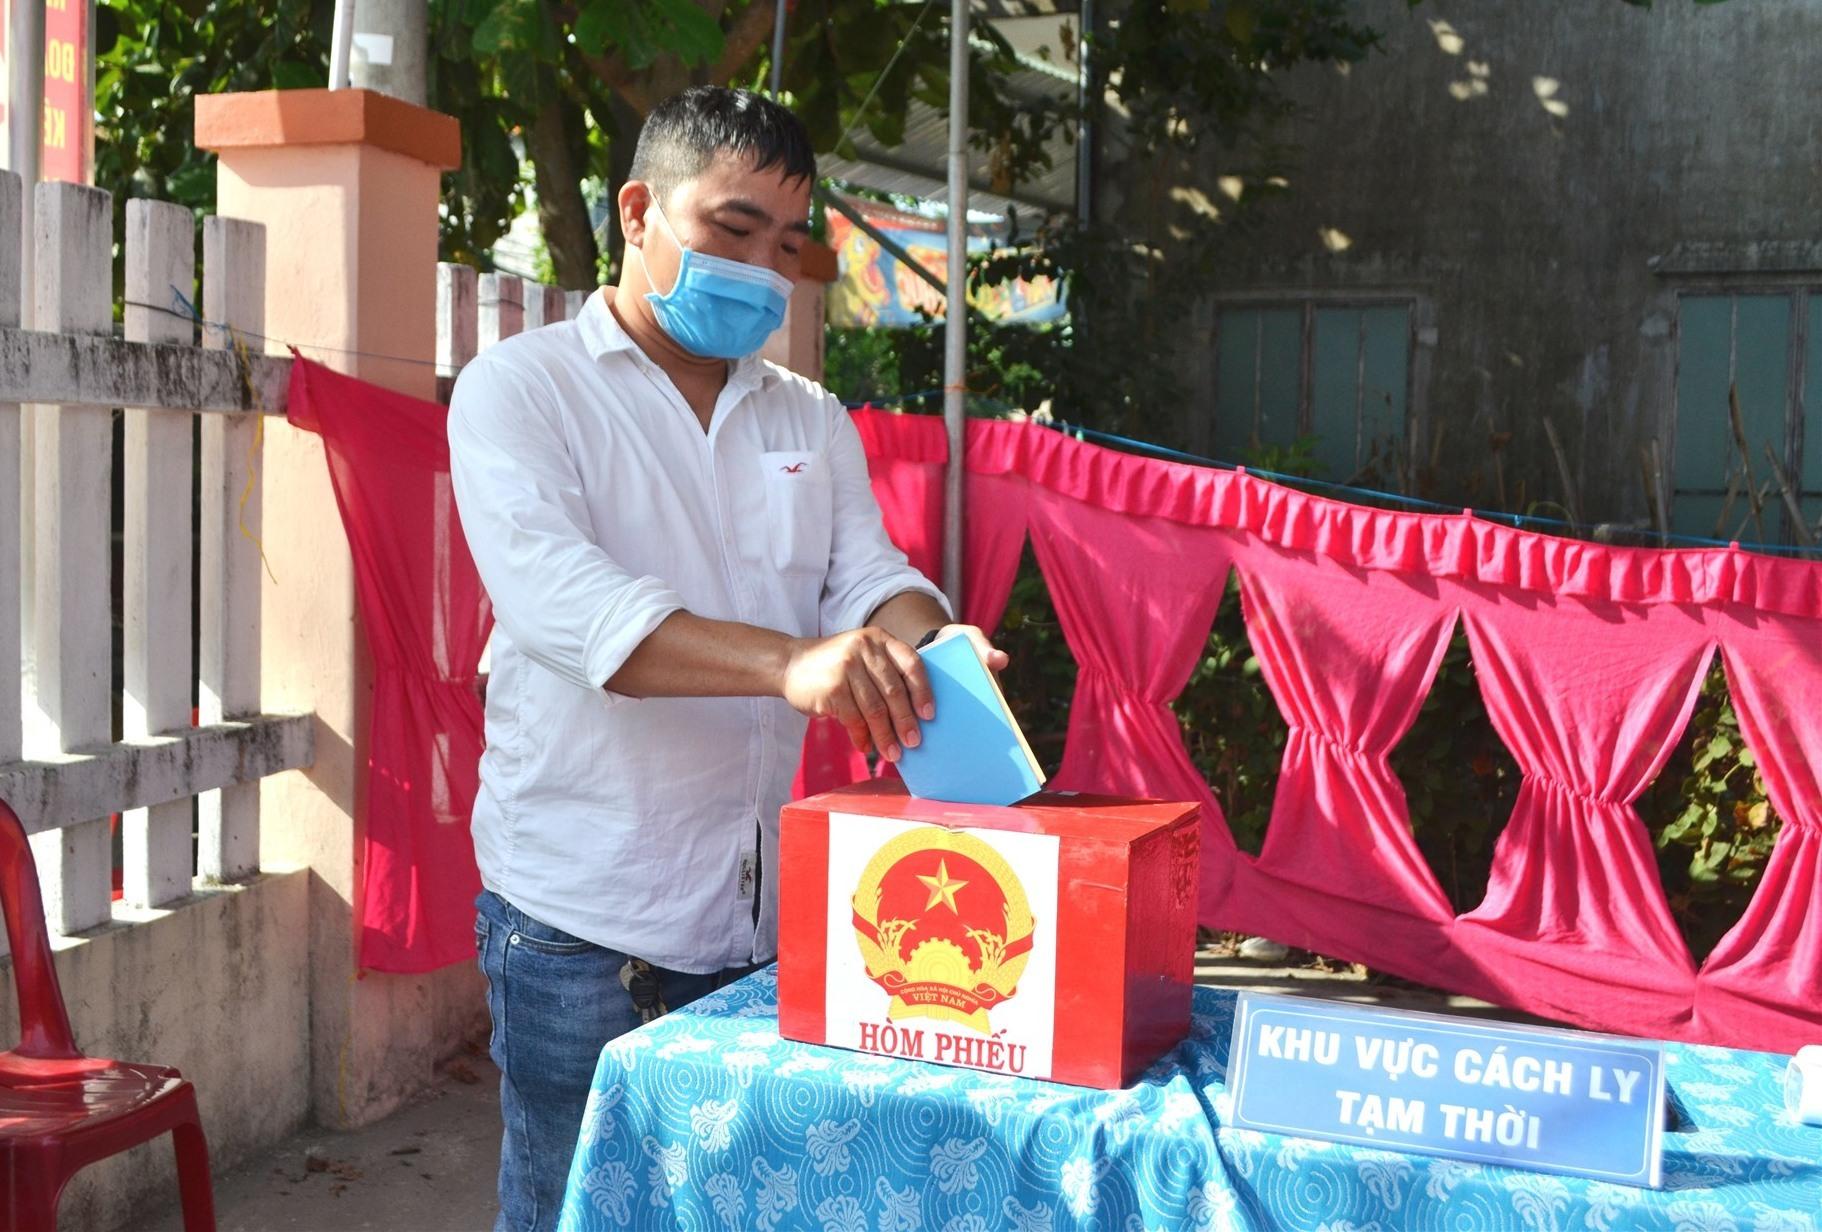 Cử tri bị sốt thực hiện quyền bầu cử trước khi được đưa đến Trạm Y tế phường Vĩnh Điện. Ảnh: TÚ-ĐOAN